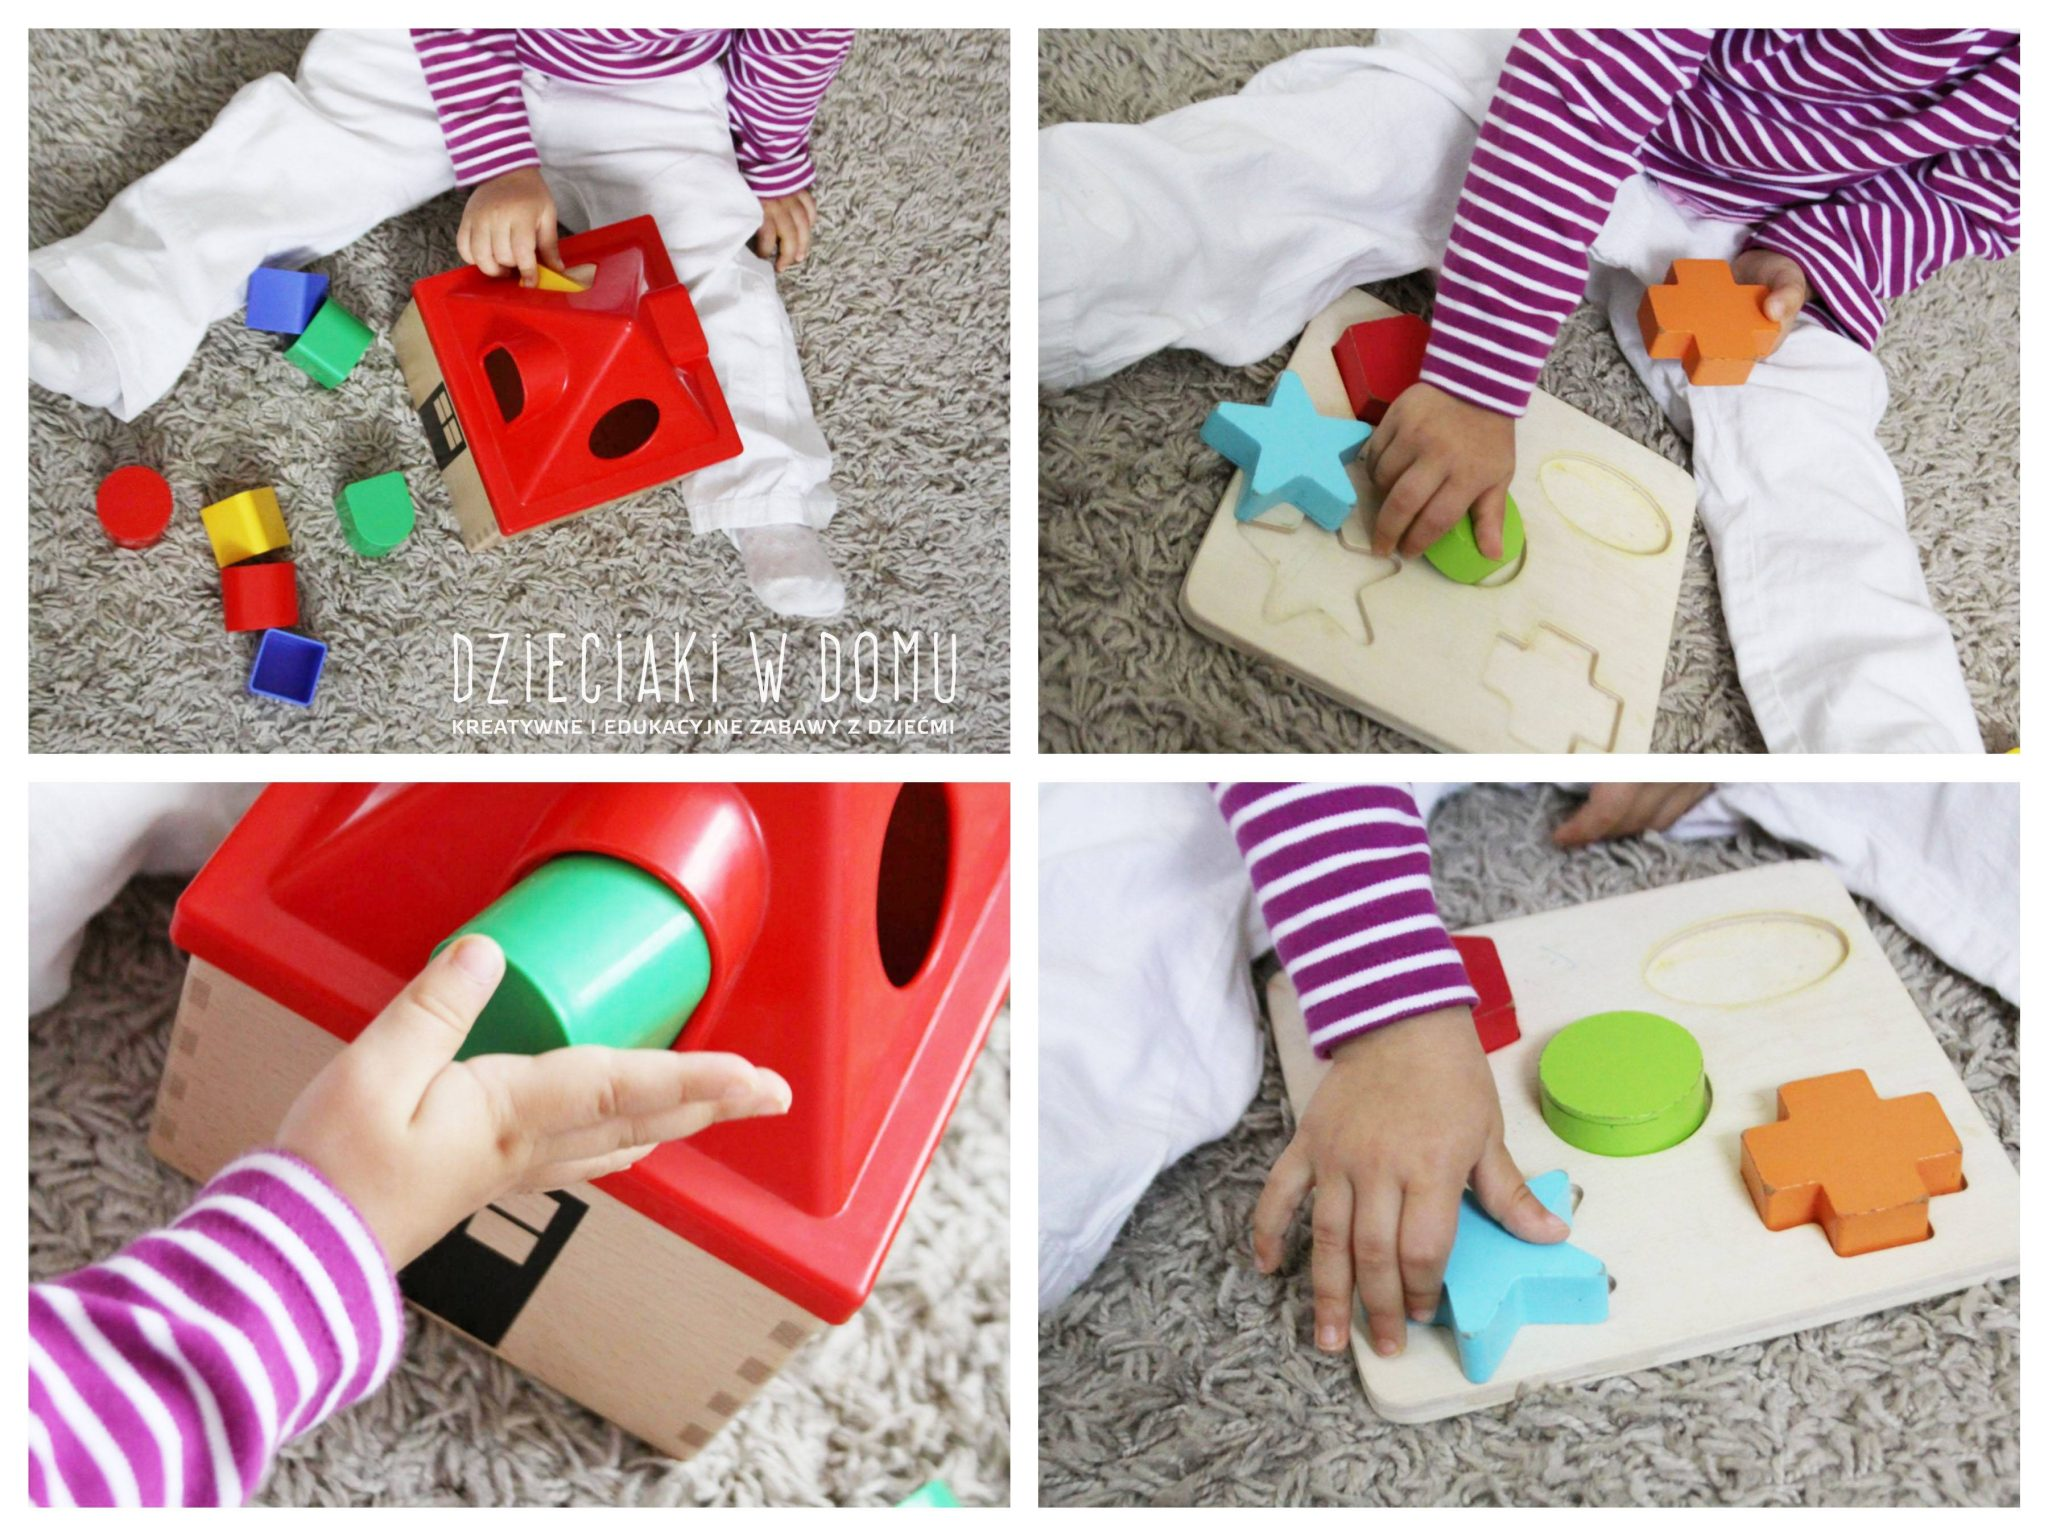 kształty - kreatywne zabawy dla dwulatka